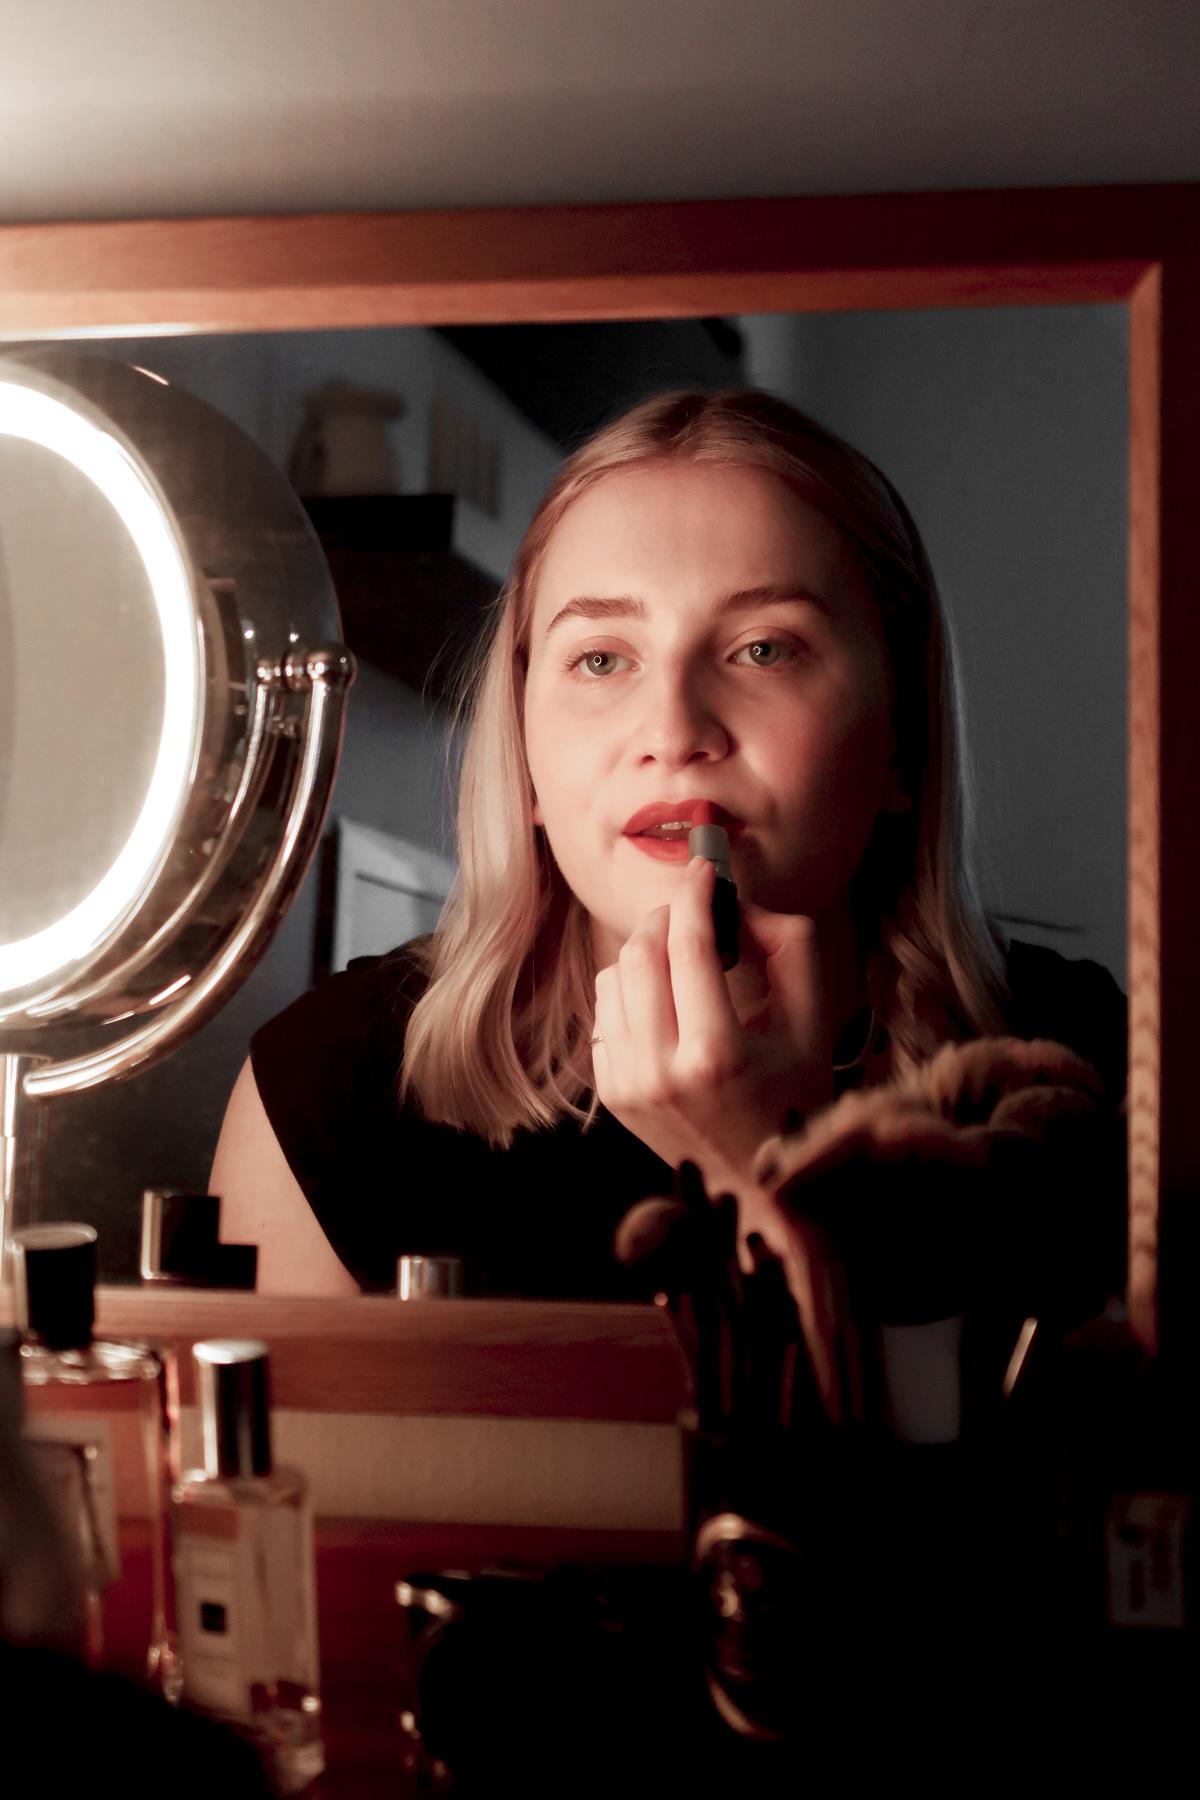 05.30 am makeup